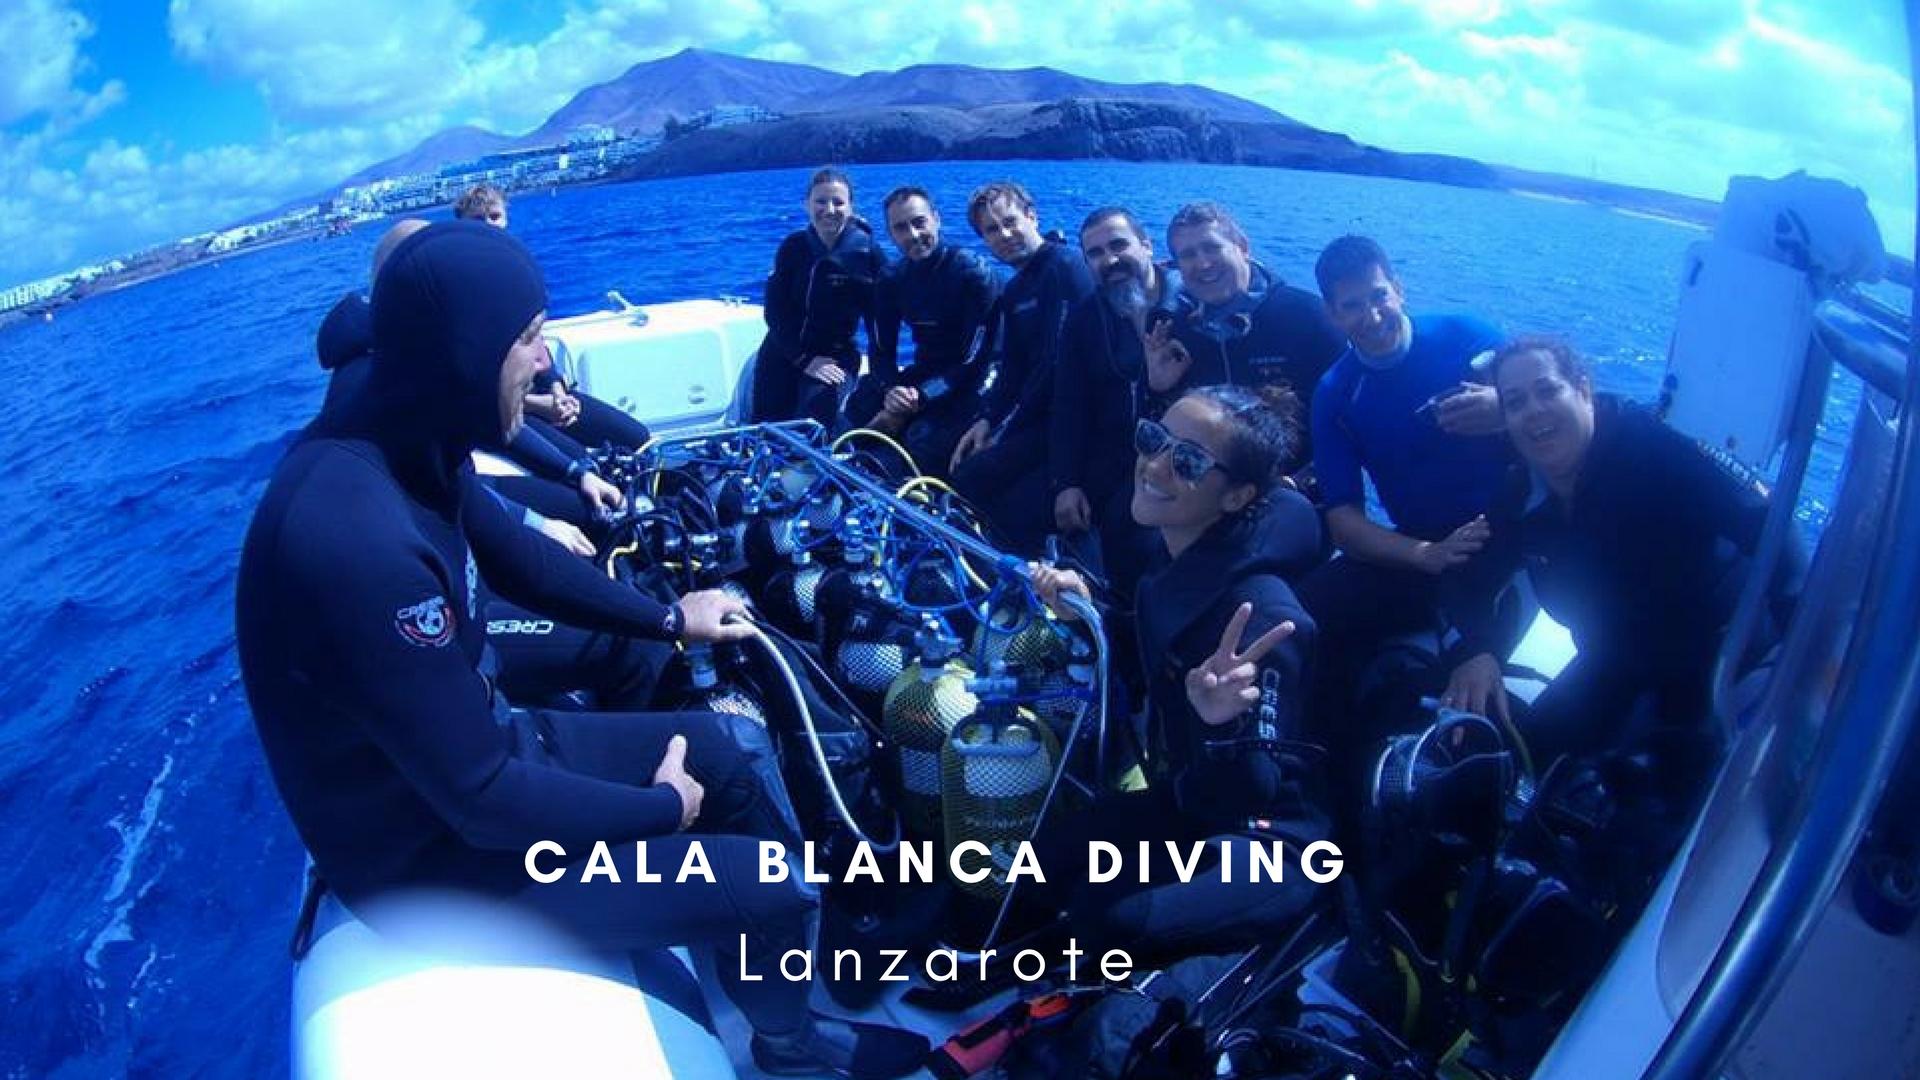 Cala Blanca Diving